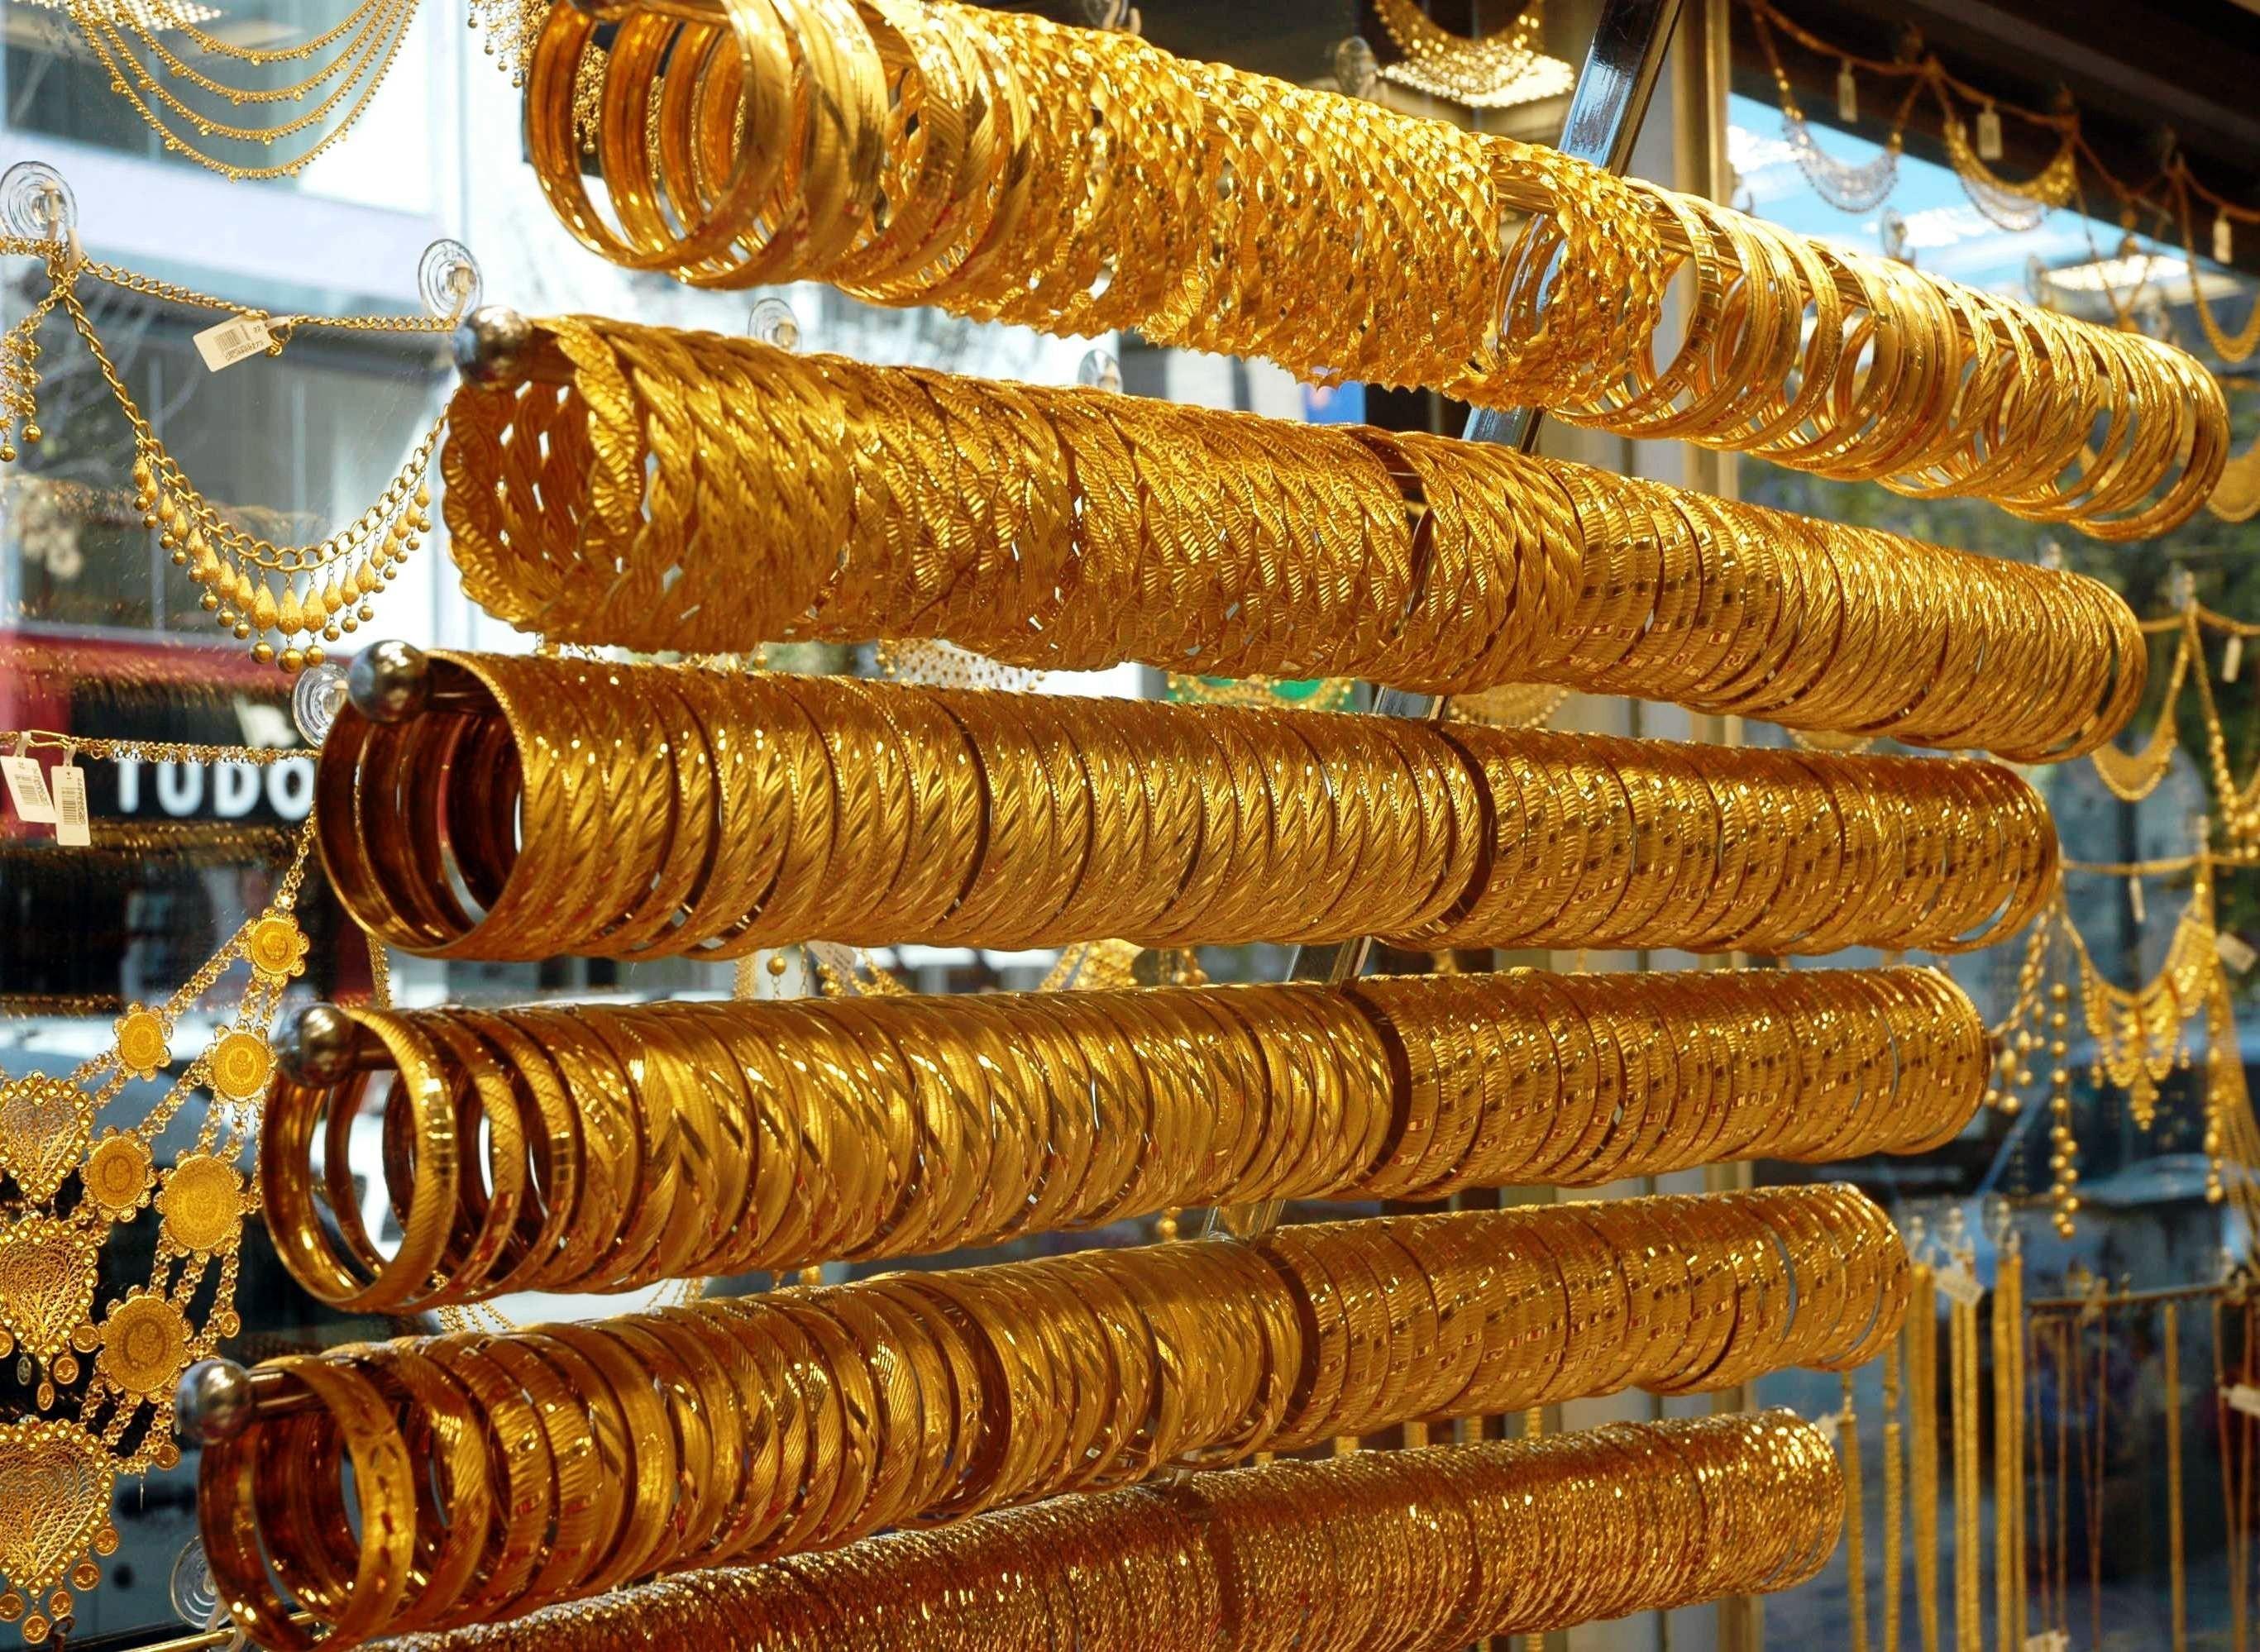 <p>Ons altın virüsün mutasyona uğramasıyla sert yükseldi. İç piyasada dolar/TL paritesindeki düşüşe bağlı olarak gram altın 468 lira, çeyrek altın ise 770 liradan satılıyor.<br /><br /></p> <p>Yeni tip koronavirüsün mutasyona uğramış türünün İngiltere'de görülmesinden sonra altının ons fiyatı sert bir yükselişe geçti. Ons altın mutasyon açıklamalarının ardından 1850 dolardan 1900 dolara fırladı. İç piyasada dolar/TL paritesindeki düşüşe bağlı olarak gram altın 468 lira, çeyrek altın 770 liradan satılıyor.</p>